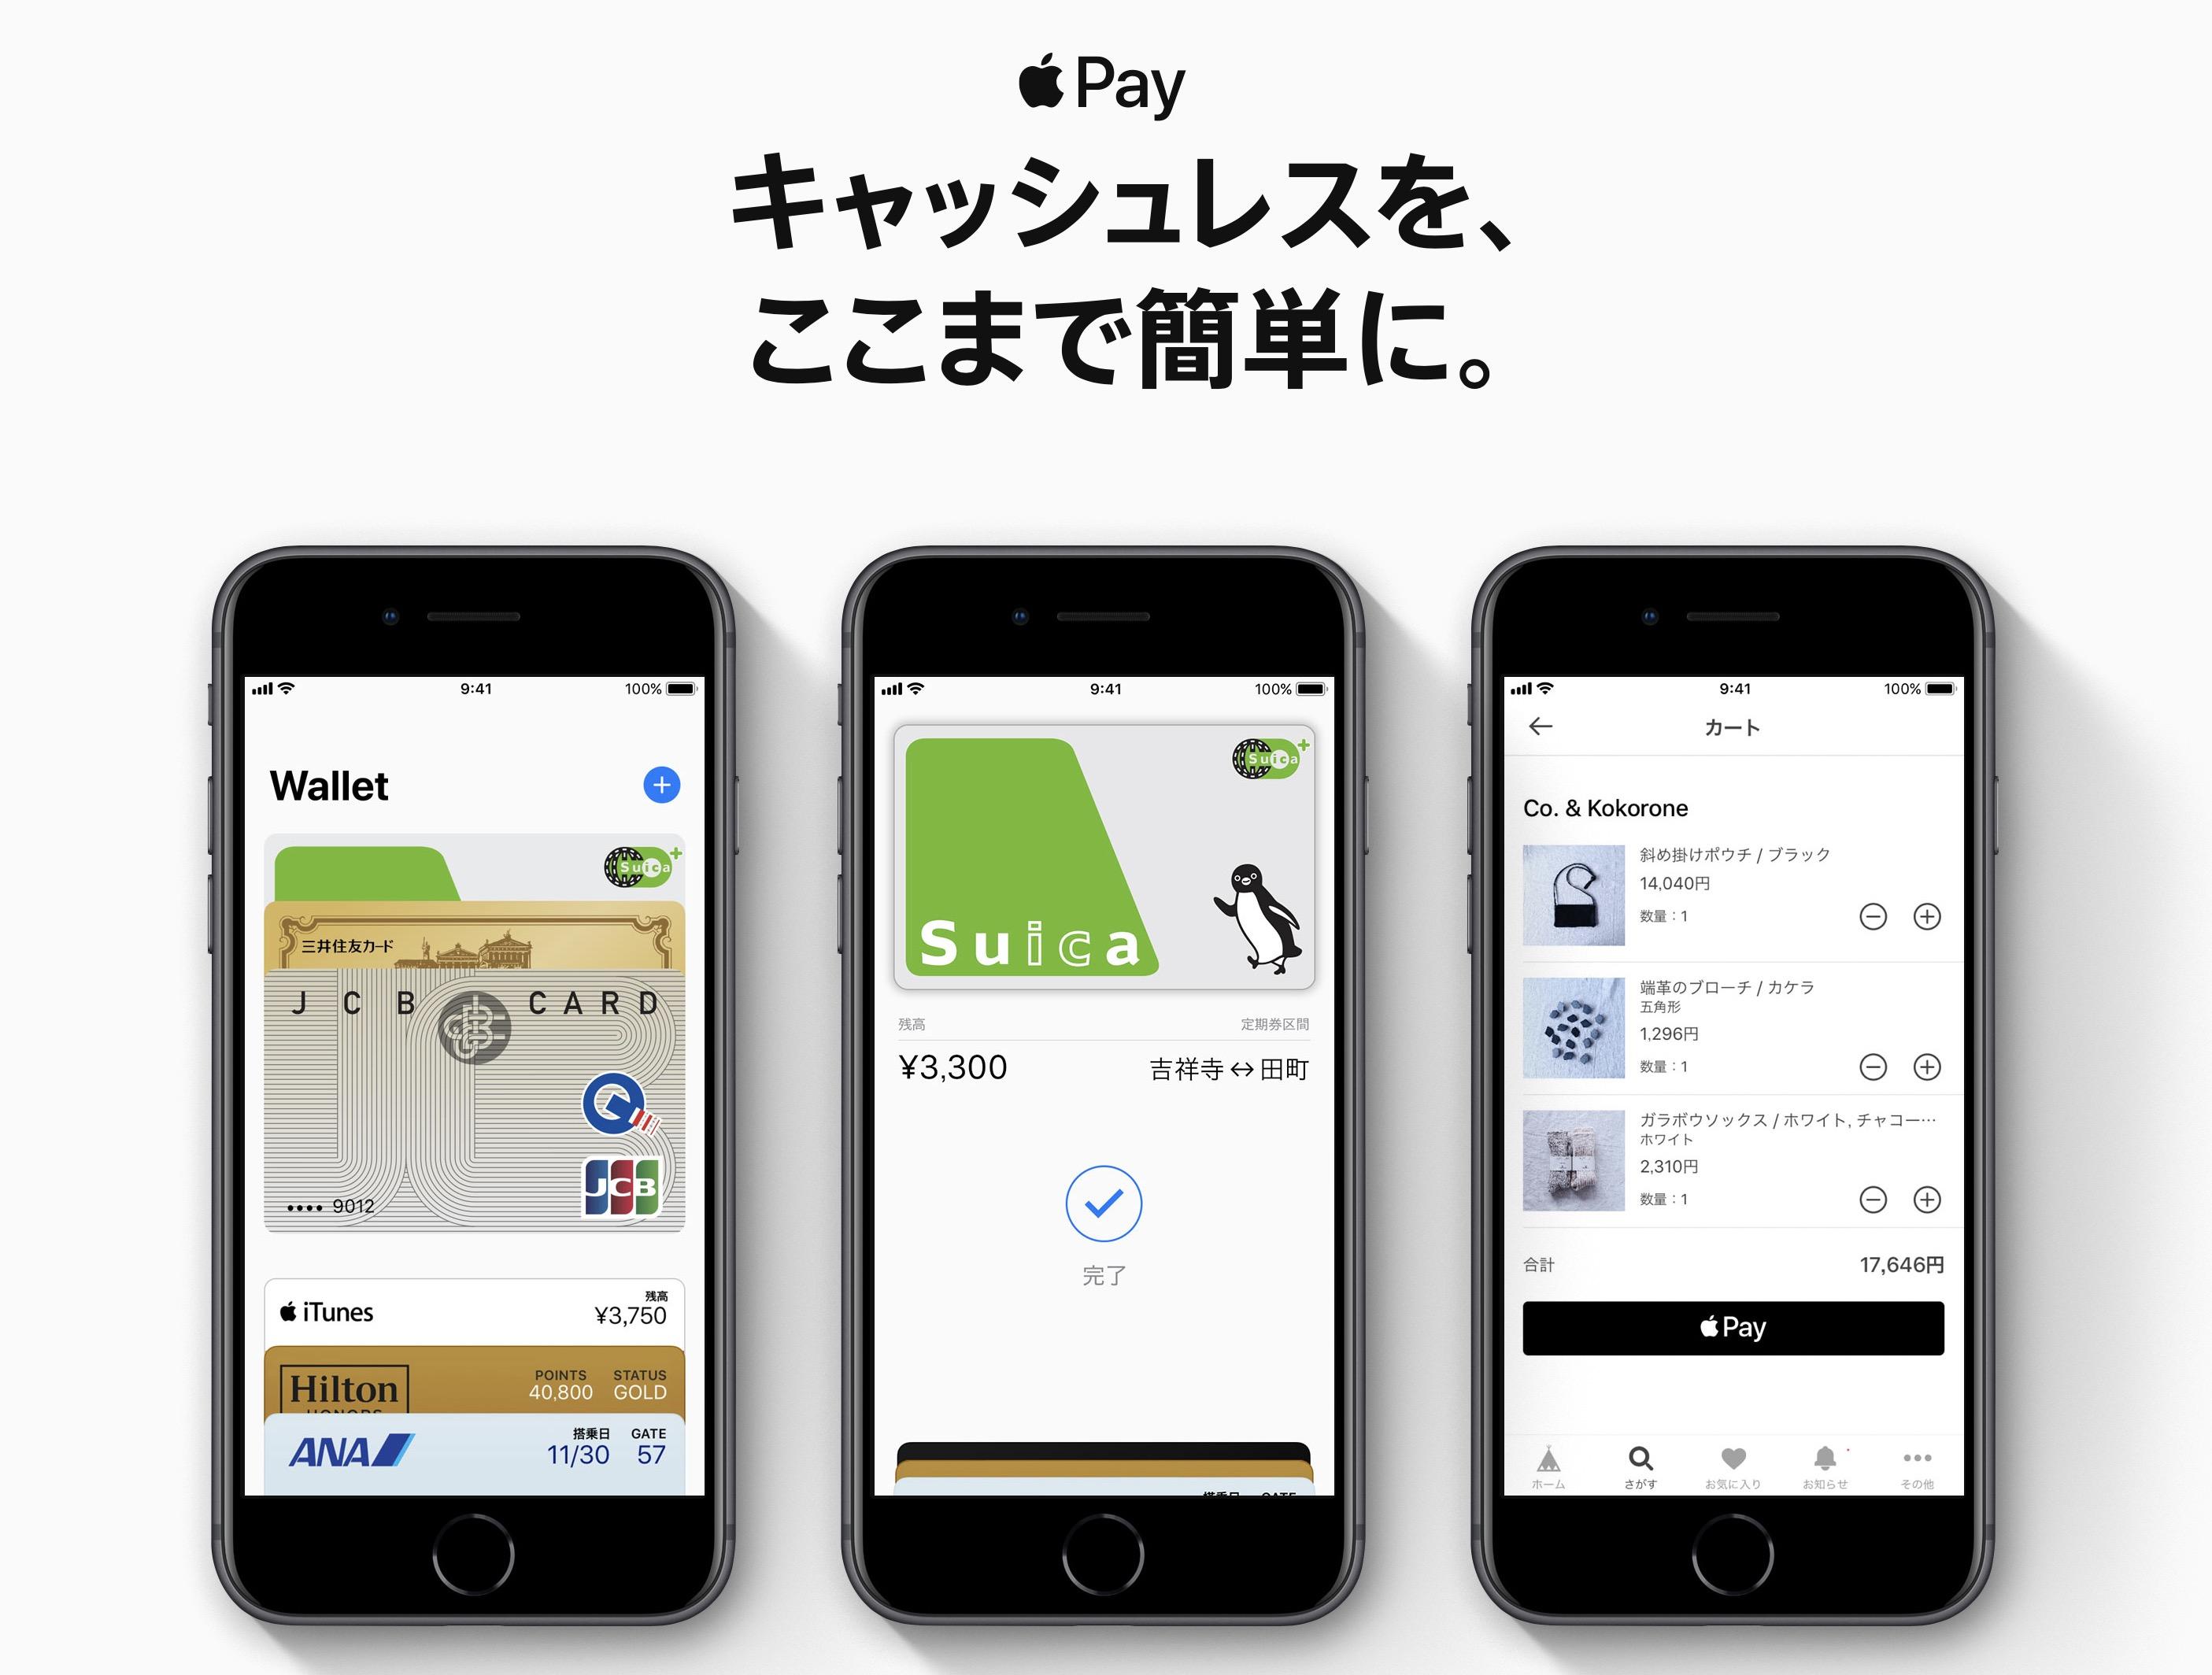 お金を増やす方法① スマホアプリでお金を増やす(Apple Pay・Google Pay)